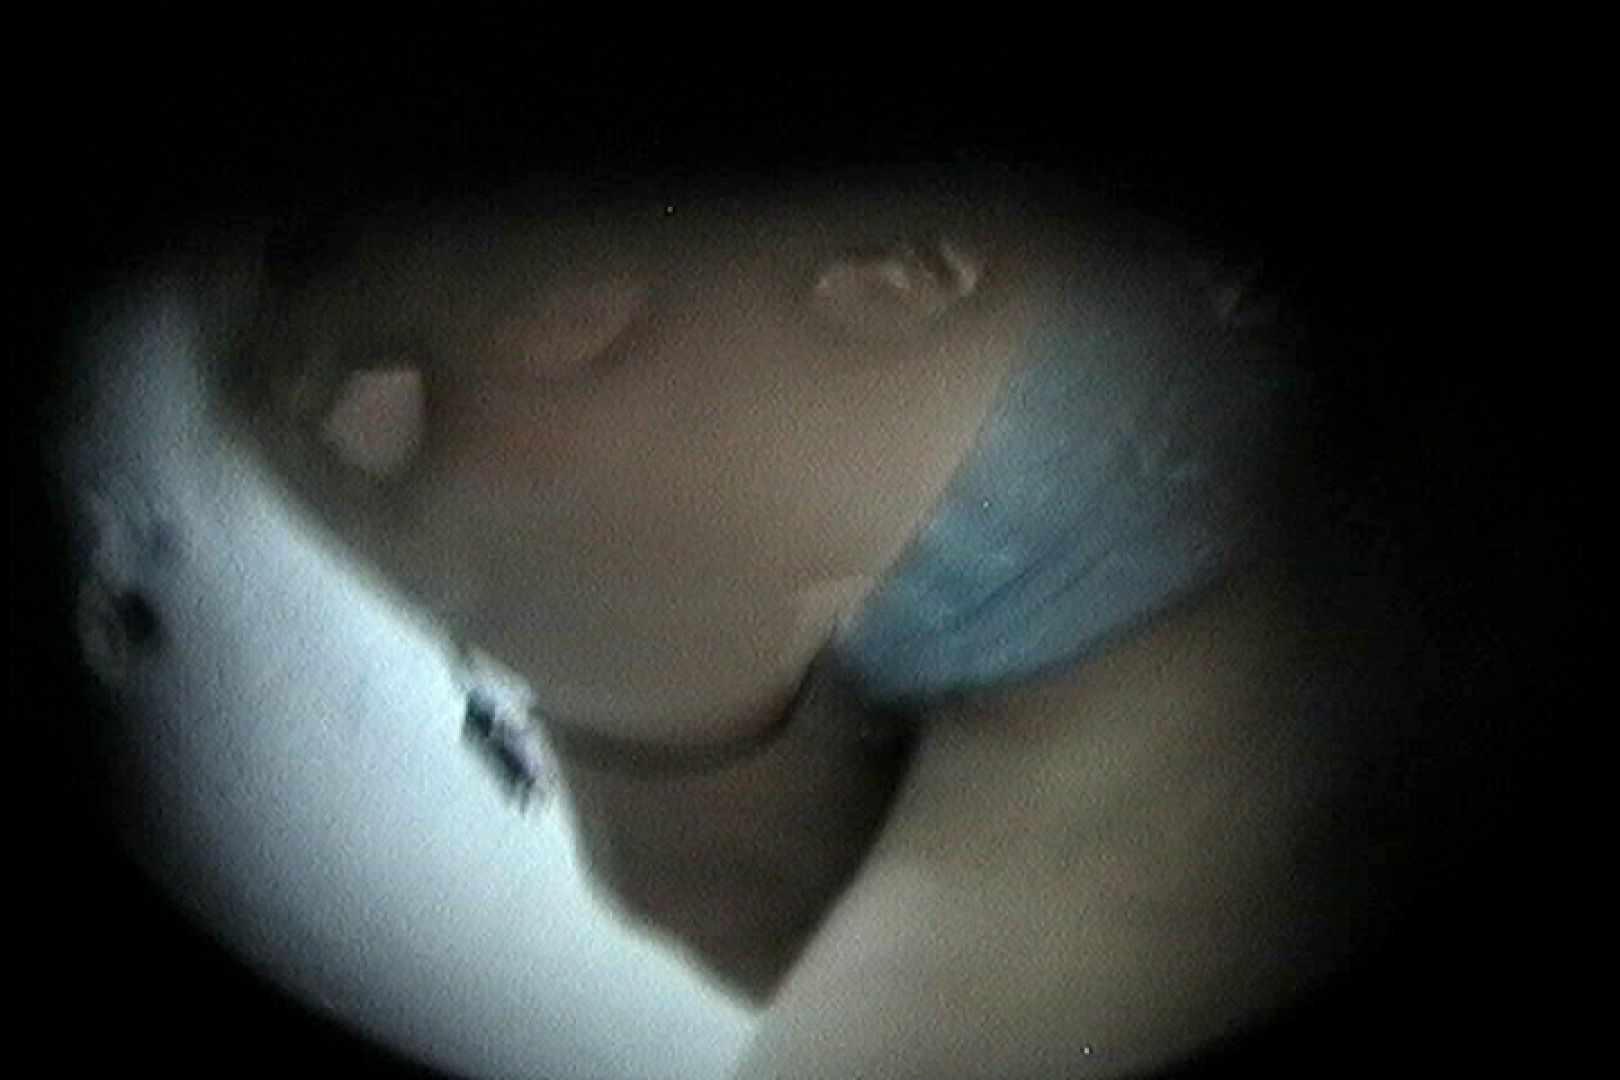 No.61 オッパイの鳥肌まではっきり見えます! シャワー室 すけべAV動画紹介 38画像 4